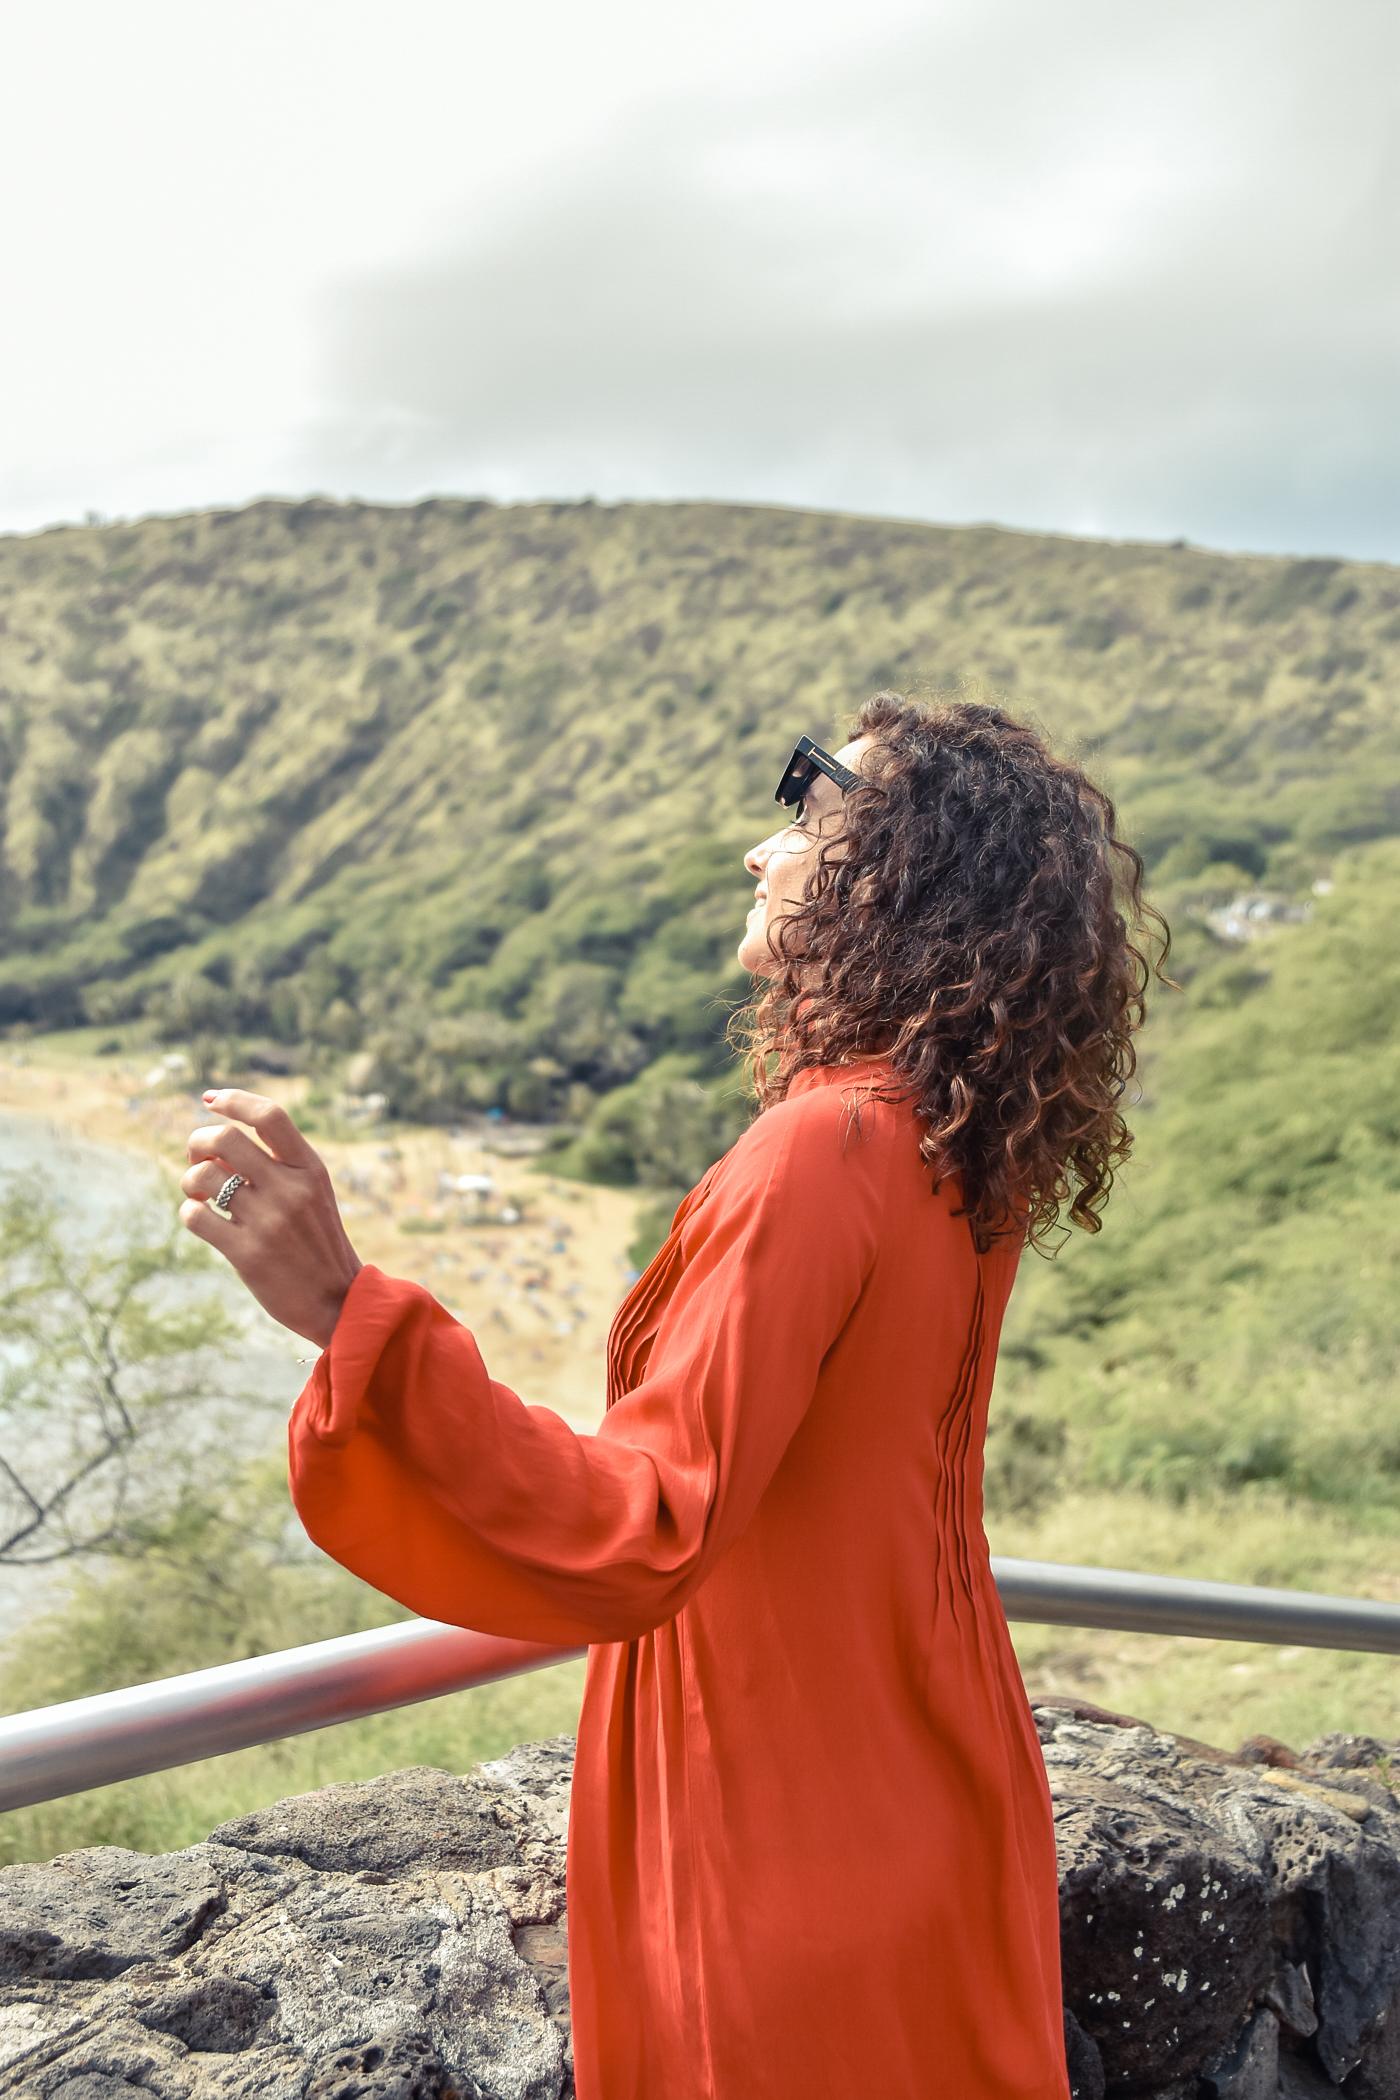 4-el-blog-de-silvia-viaje-hawaii-oahu-vestido-naranja